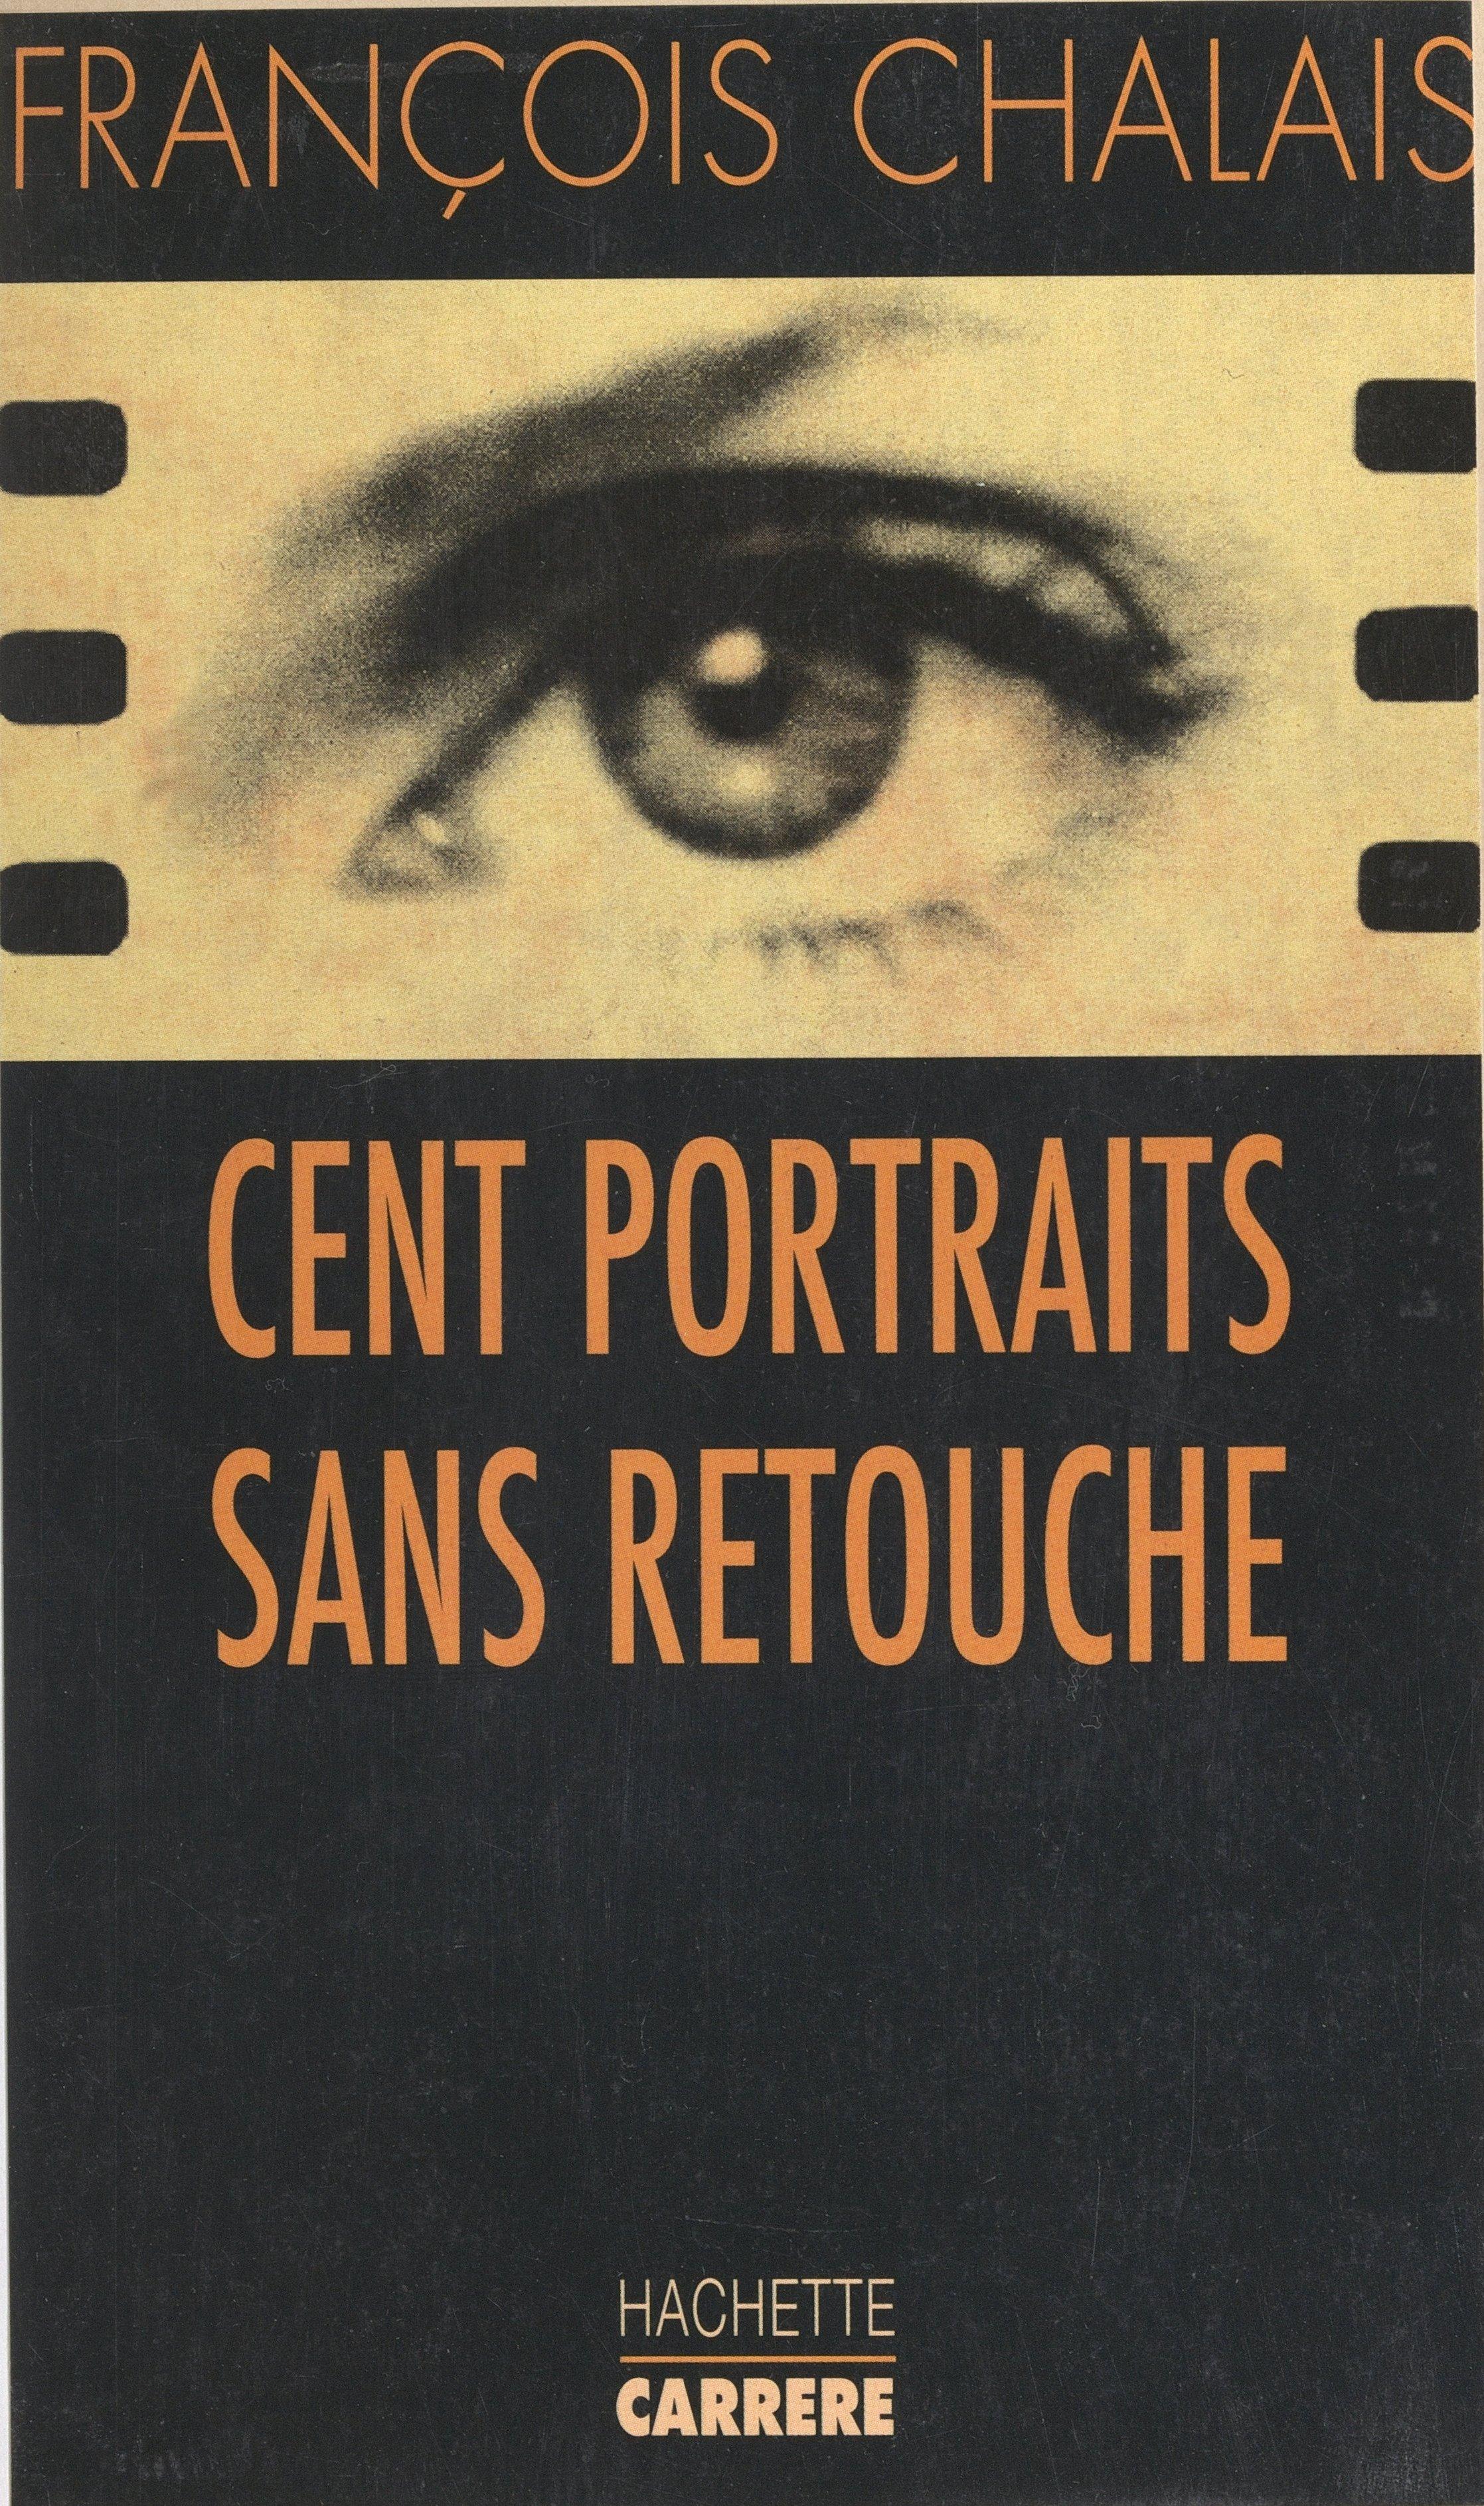 Cent portraits sans retouche